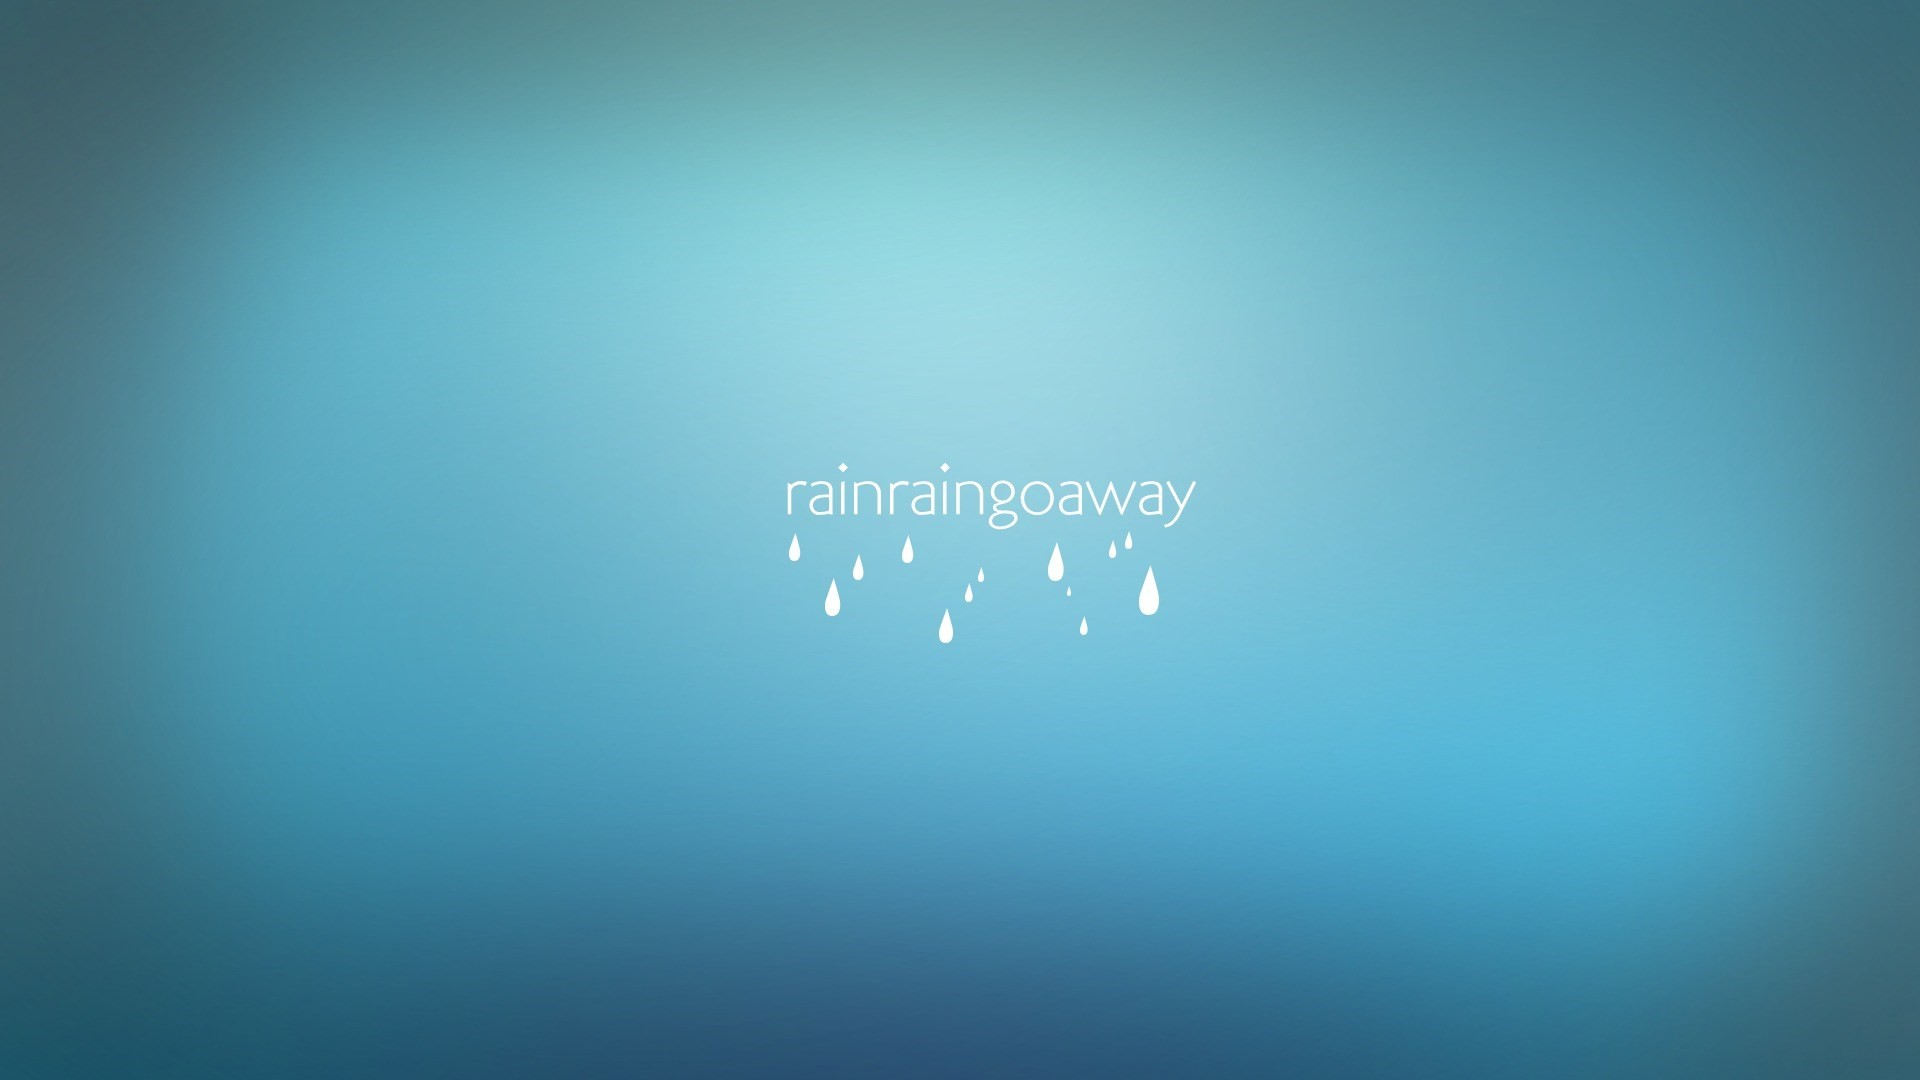 minimalism-words-lettering-rain-drops-wallpaper– Magic4Walls.com